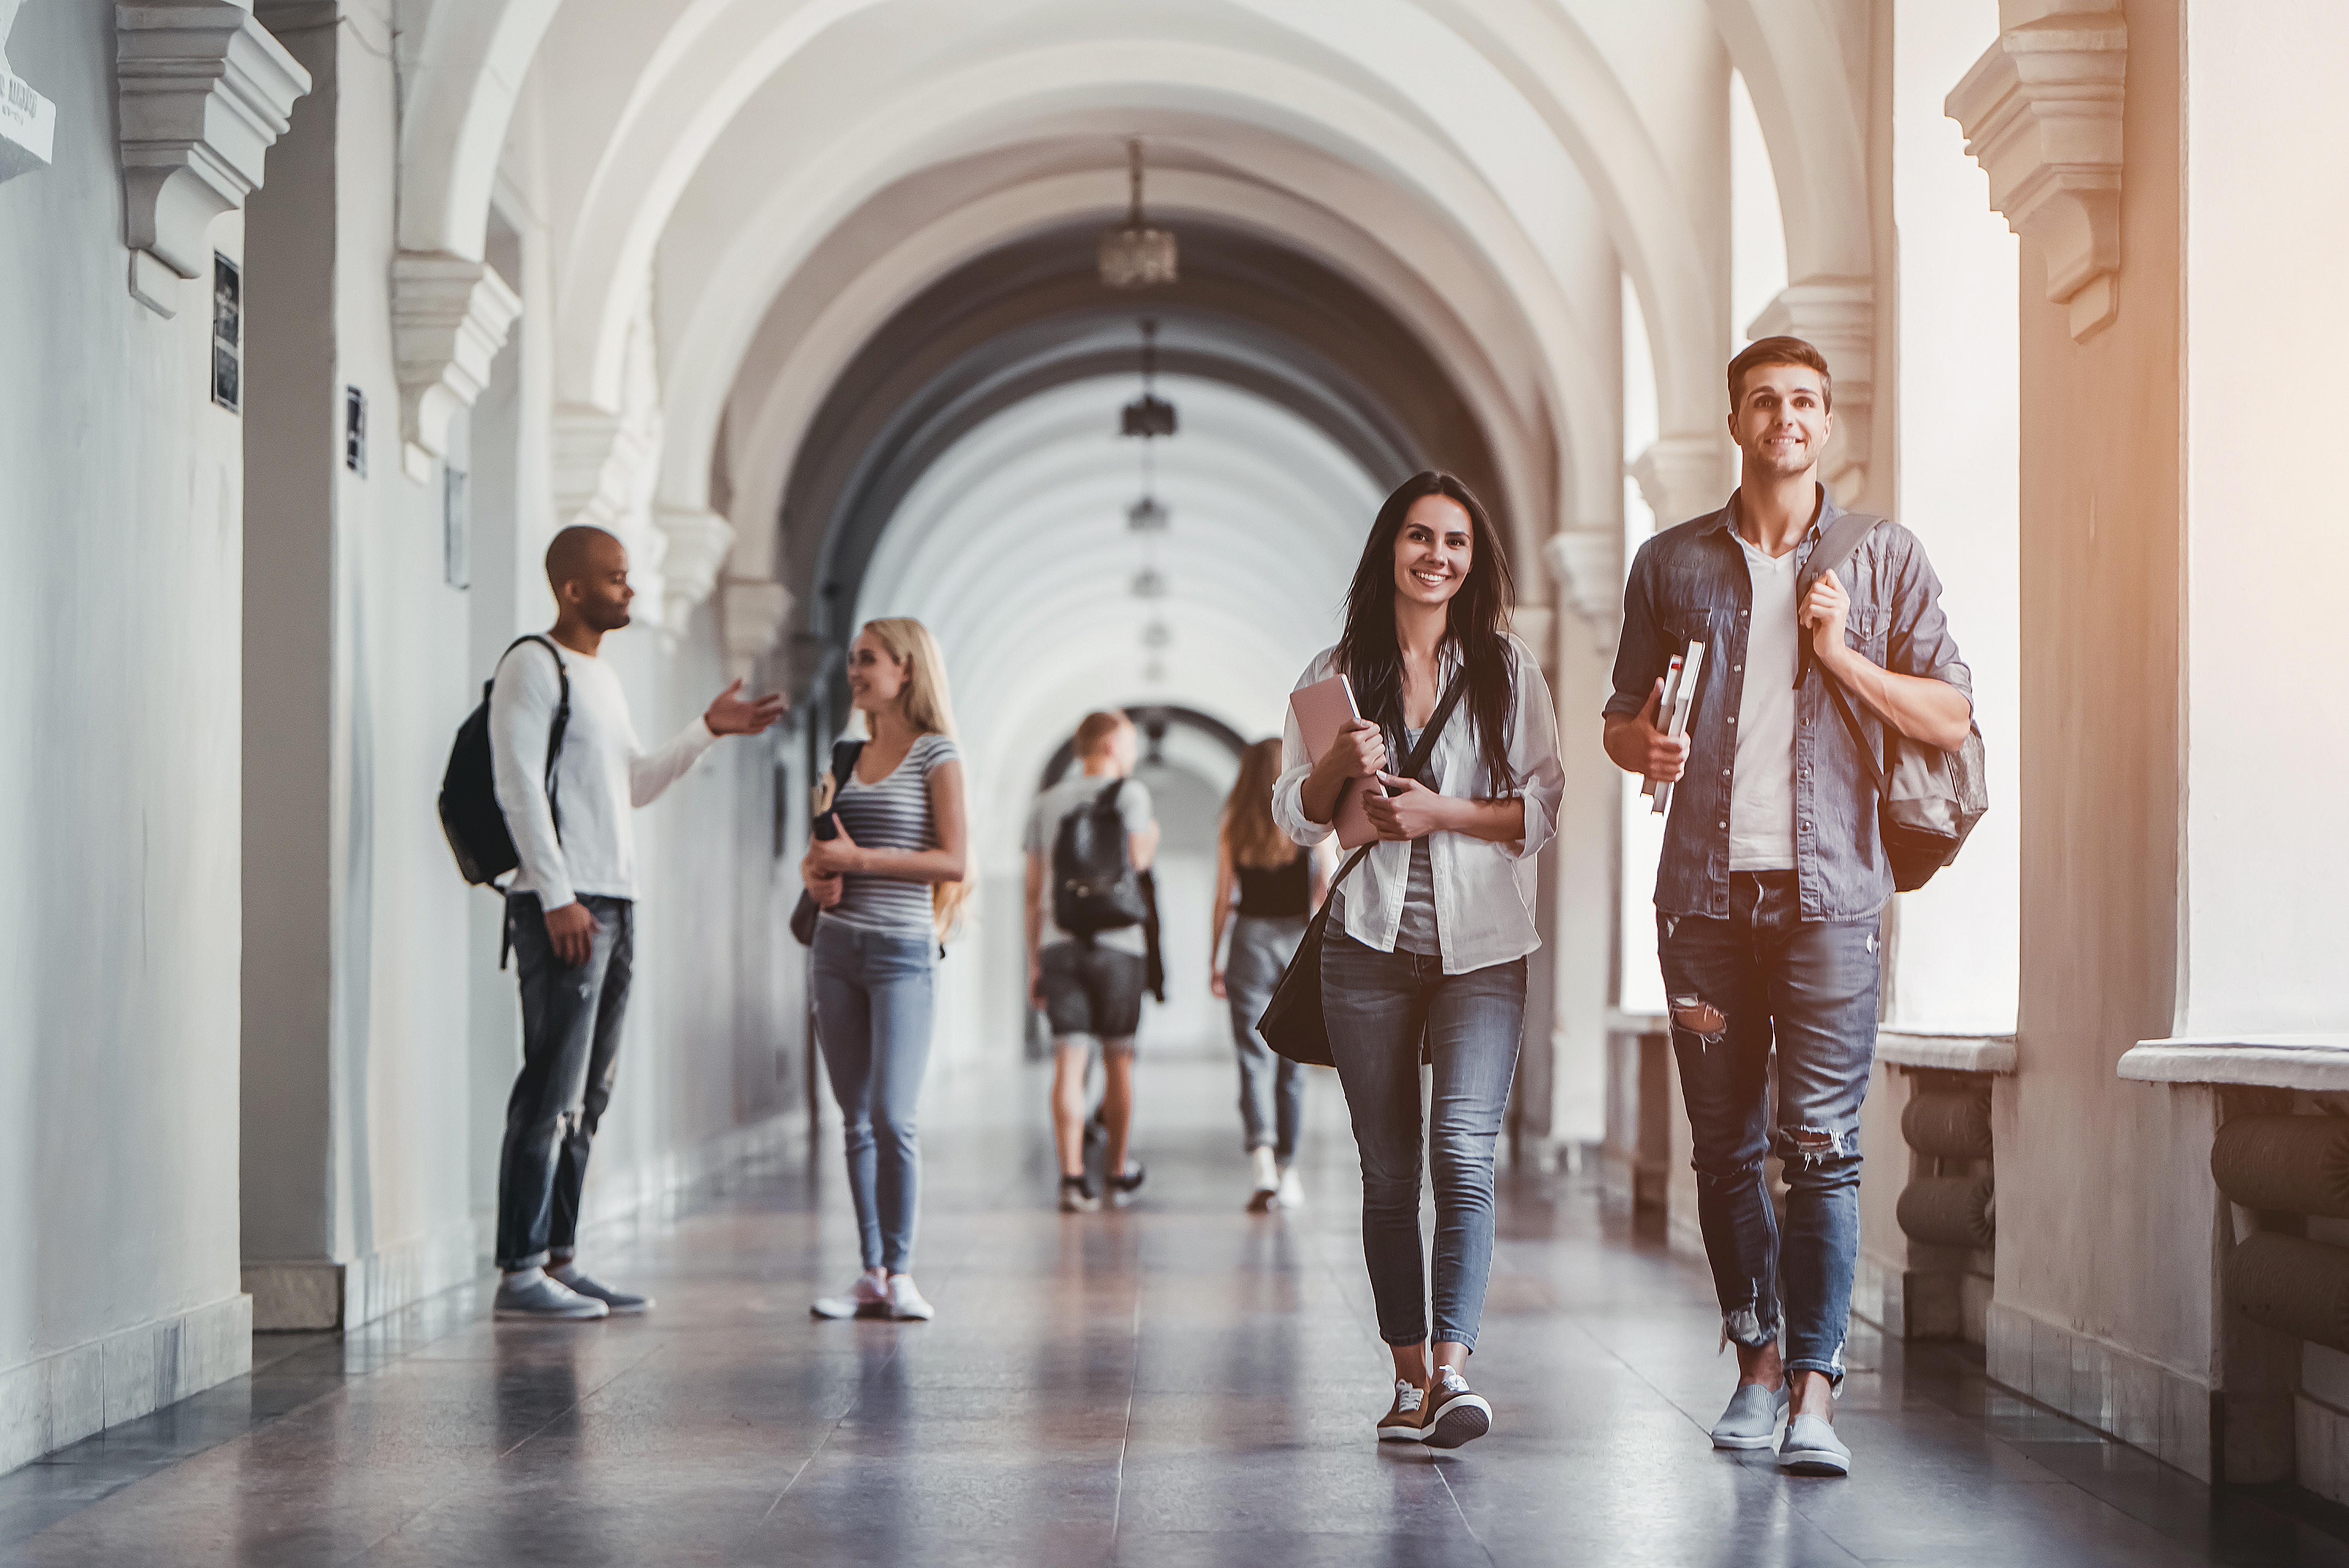 Студенты в Европе, куда можно иммигрировать по учебе